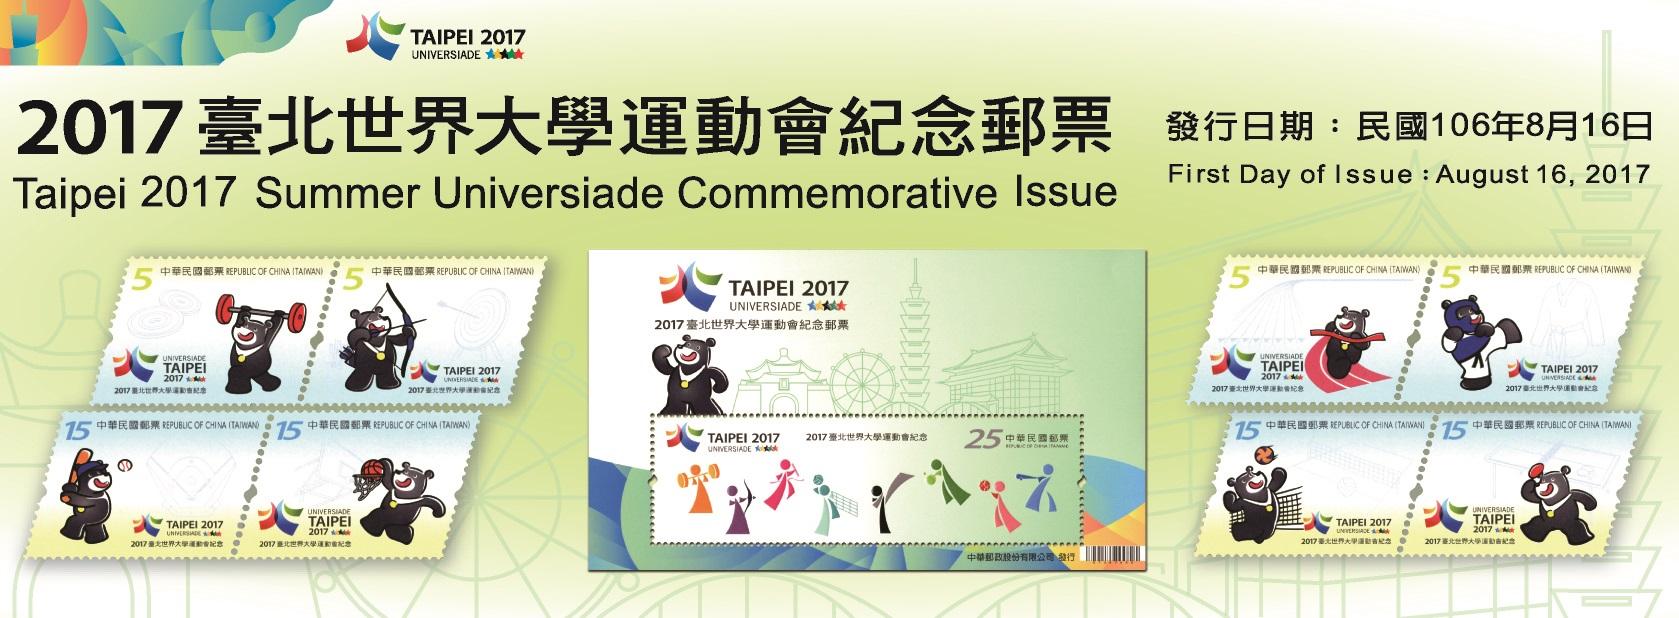 廣告連結:紀335 2017臺北世界大學運動會紀念郵票